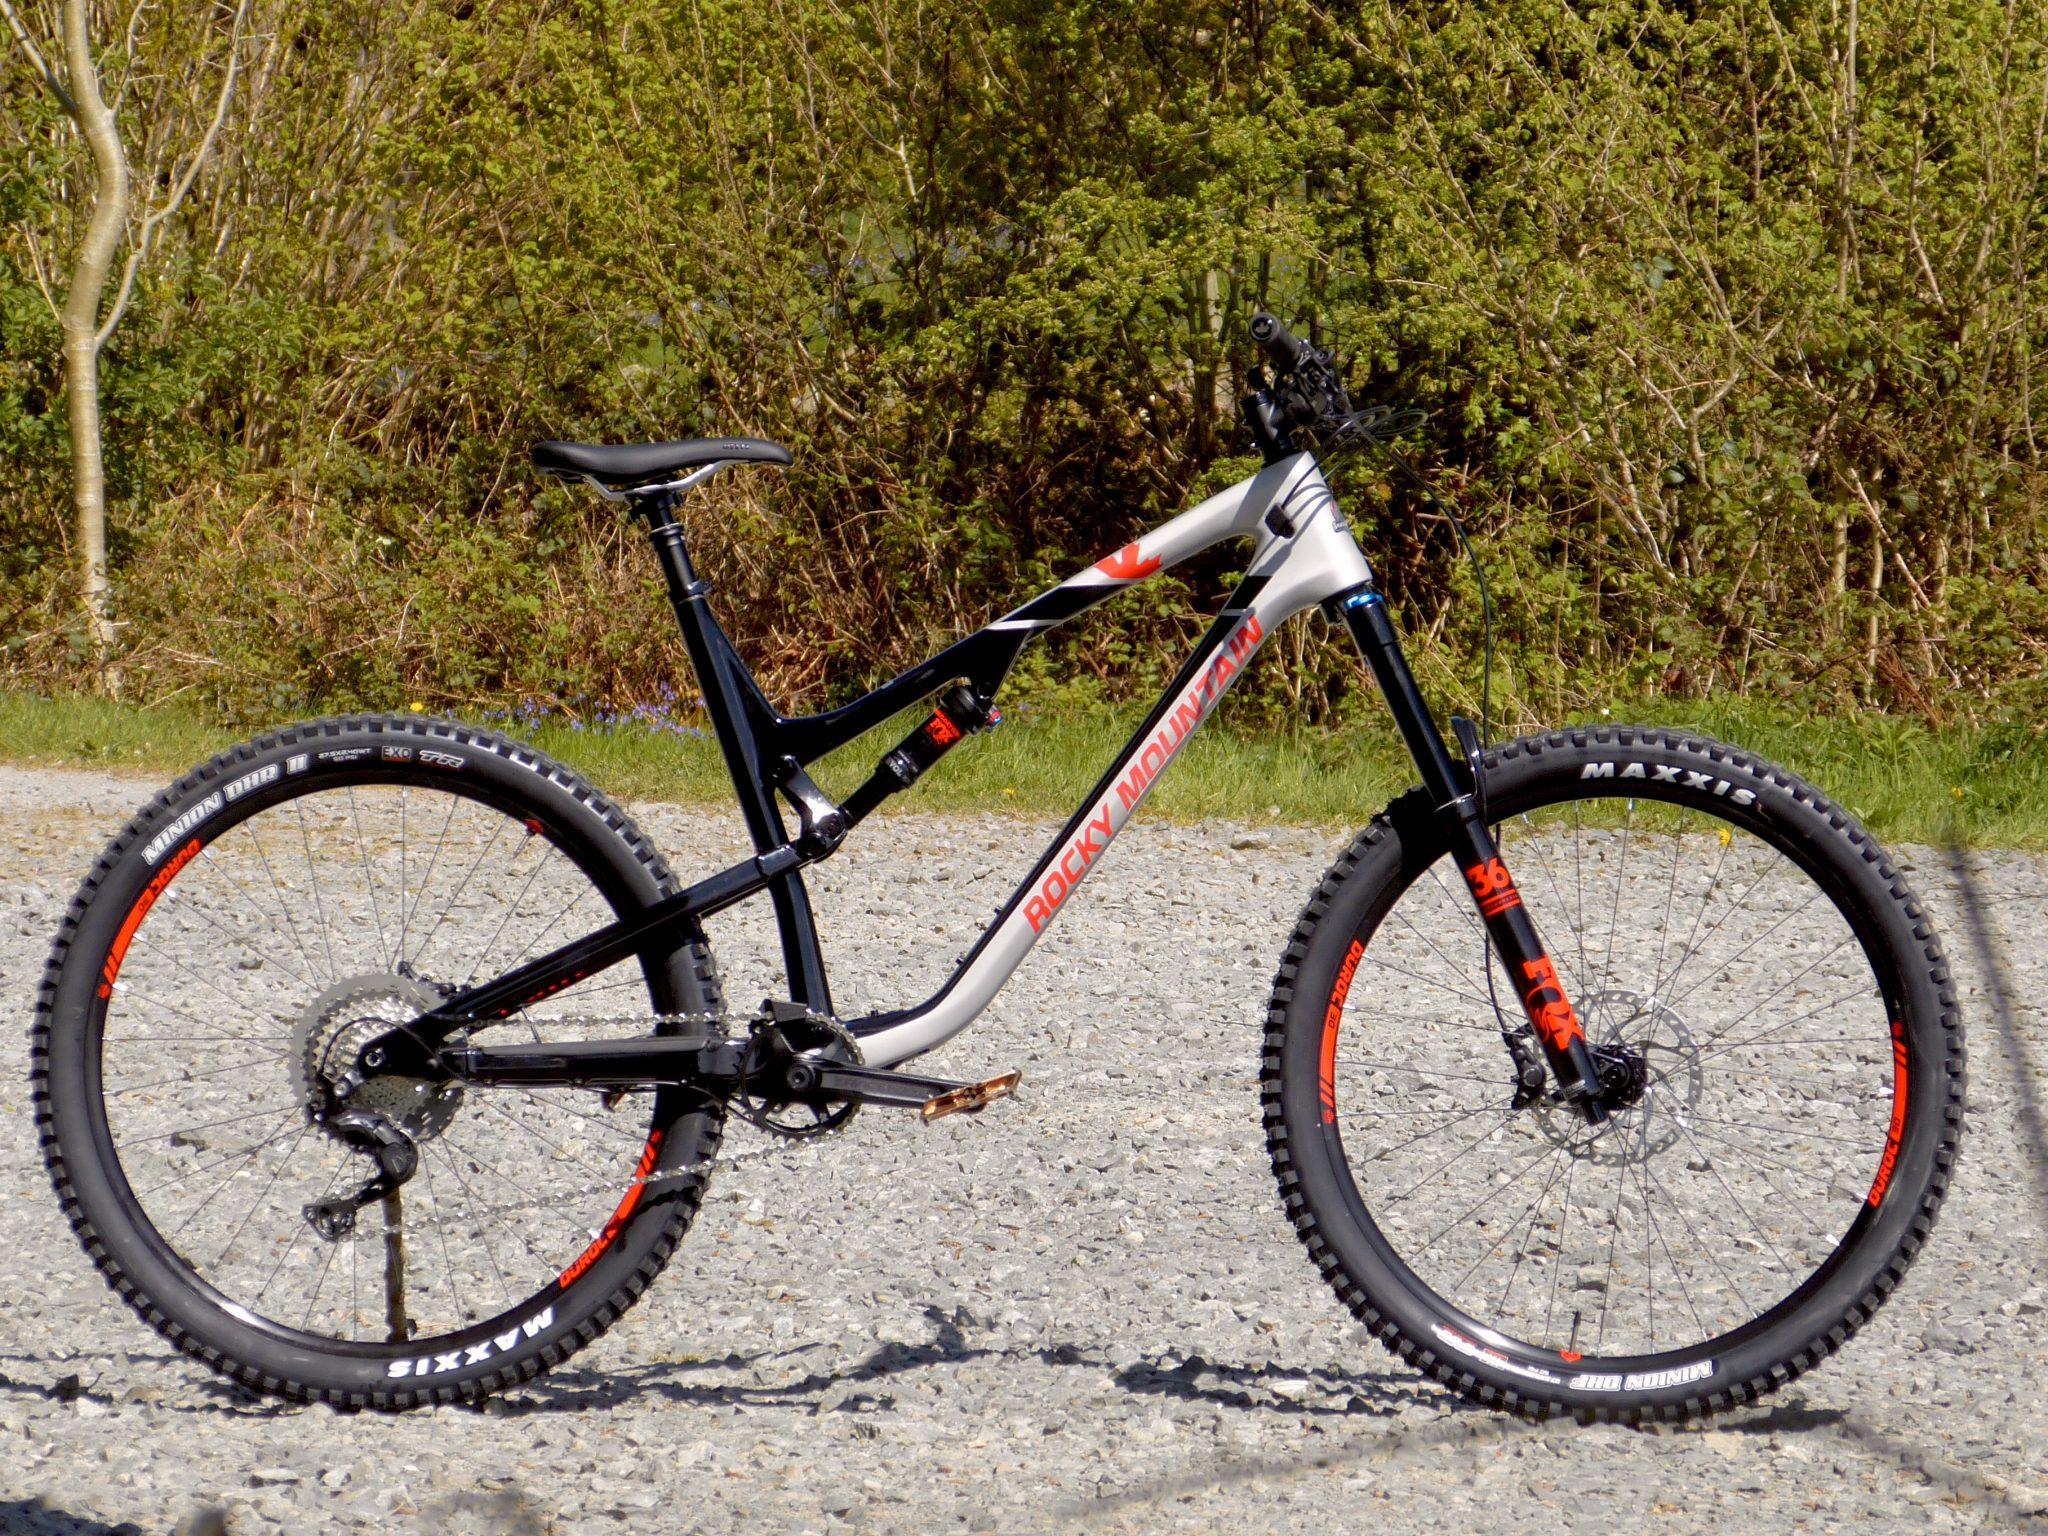 Rocky Mountain Bicycles Altitude Carbon 50 2017 Mountain Bike